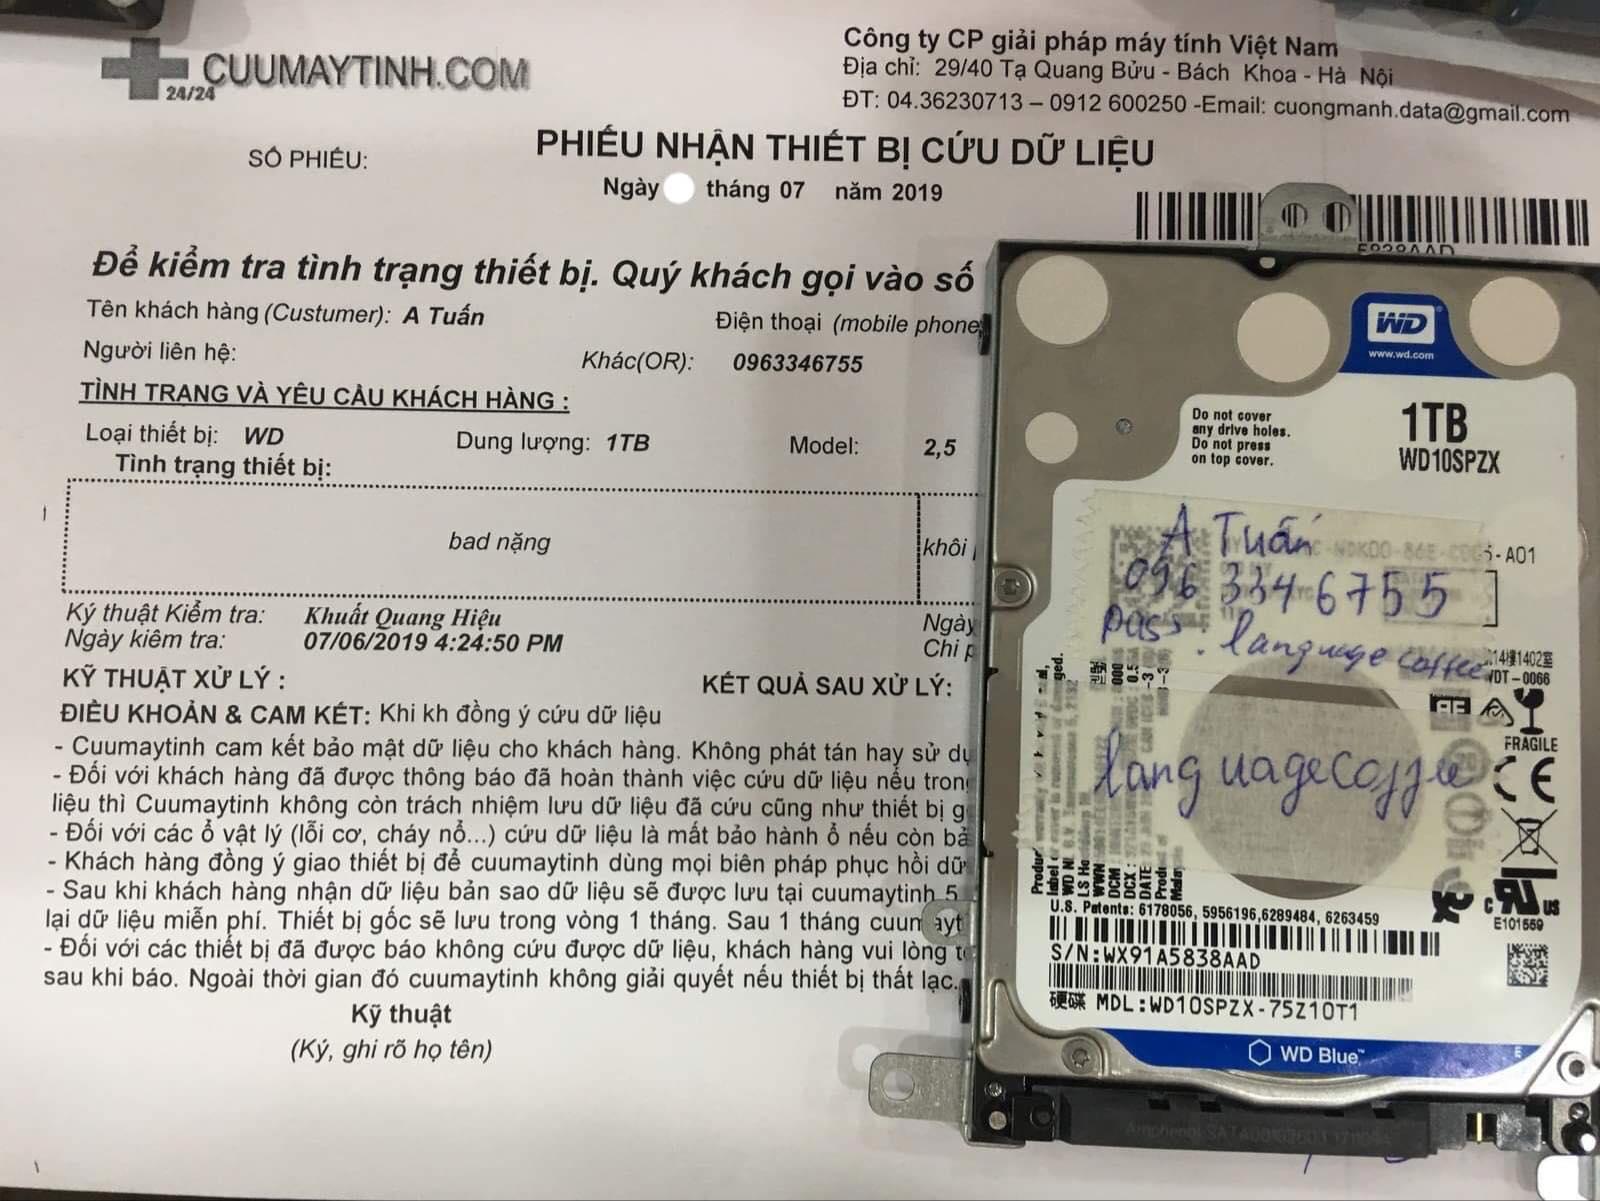 Cứu dữ liệu ổ cứng Western 1TB bad 23/07/2019 - cuumaytinh